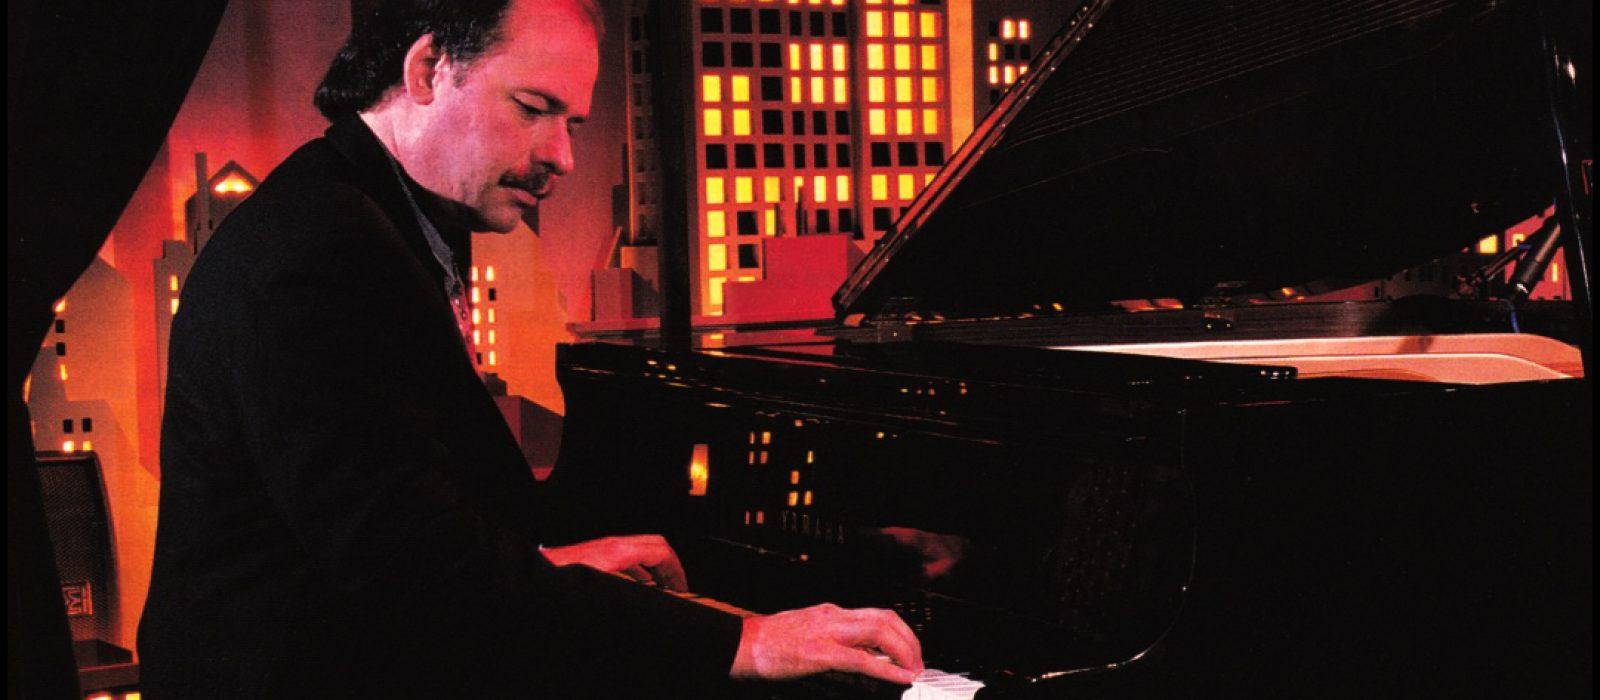 Alan Ripa At The Piano